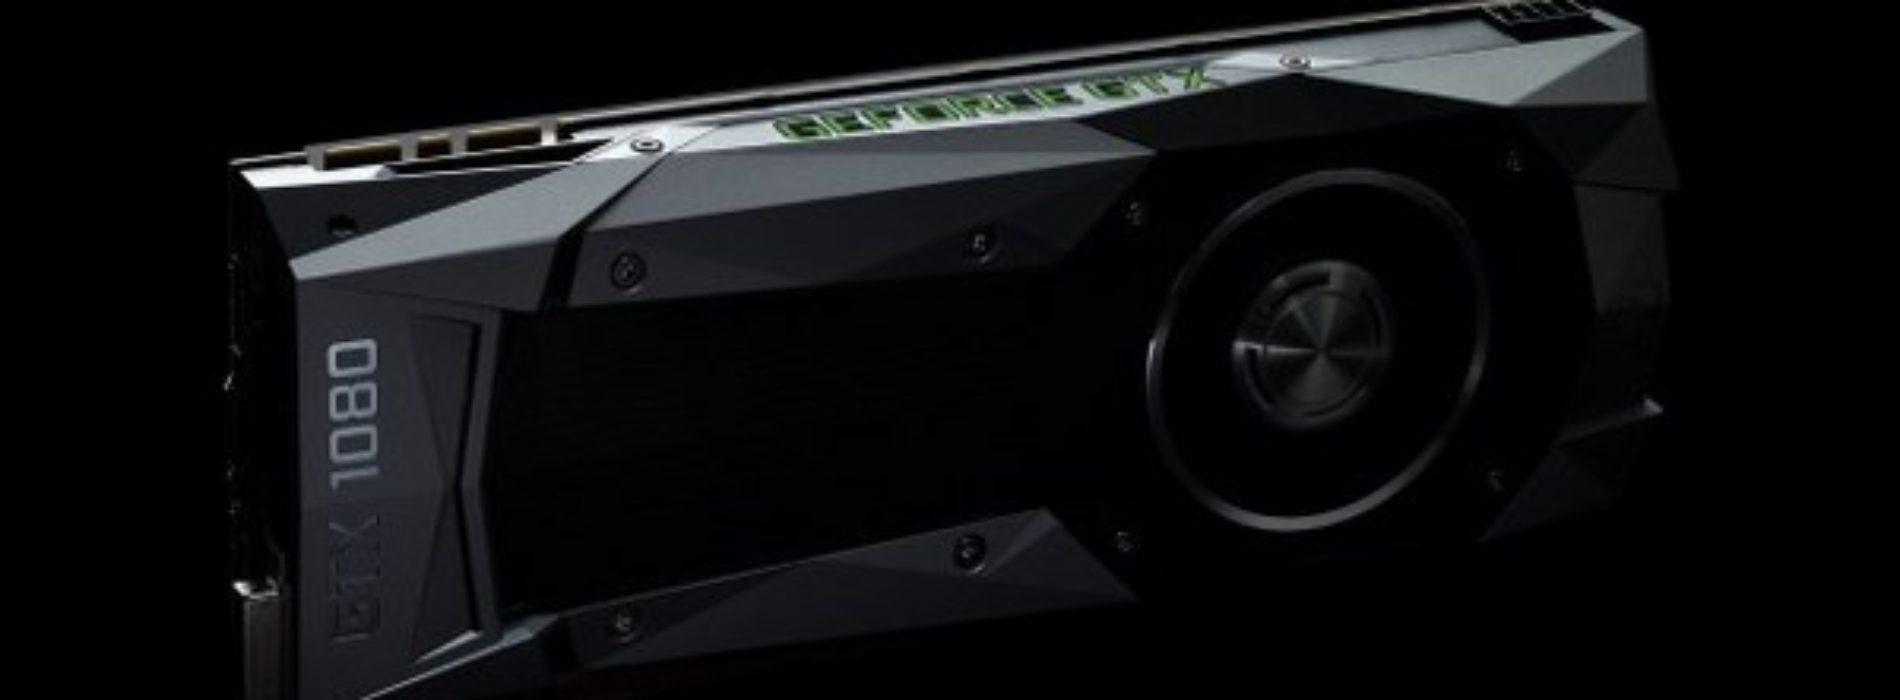 Nvidia GeForce GTX es el nuevo rey de las gráficas